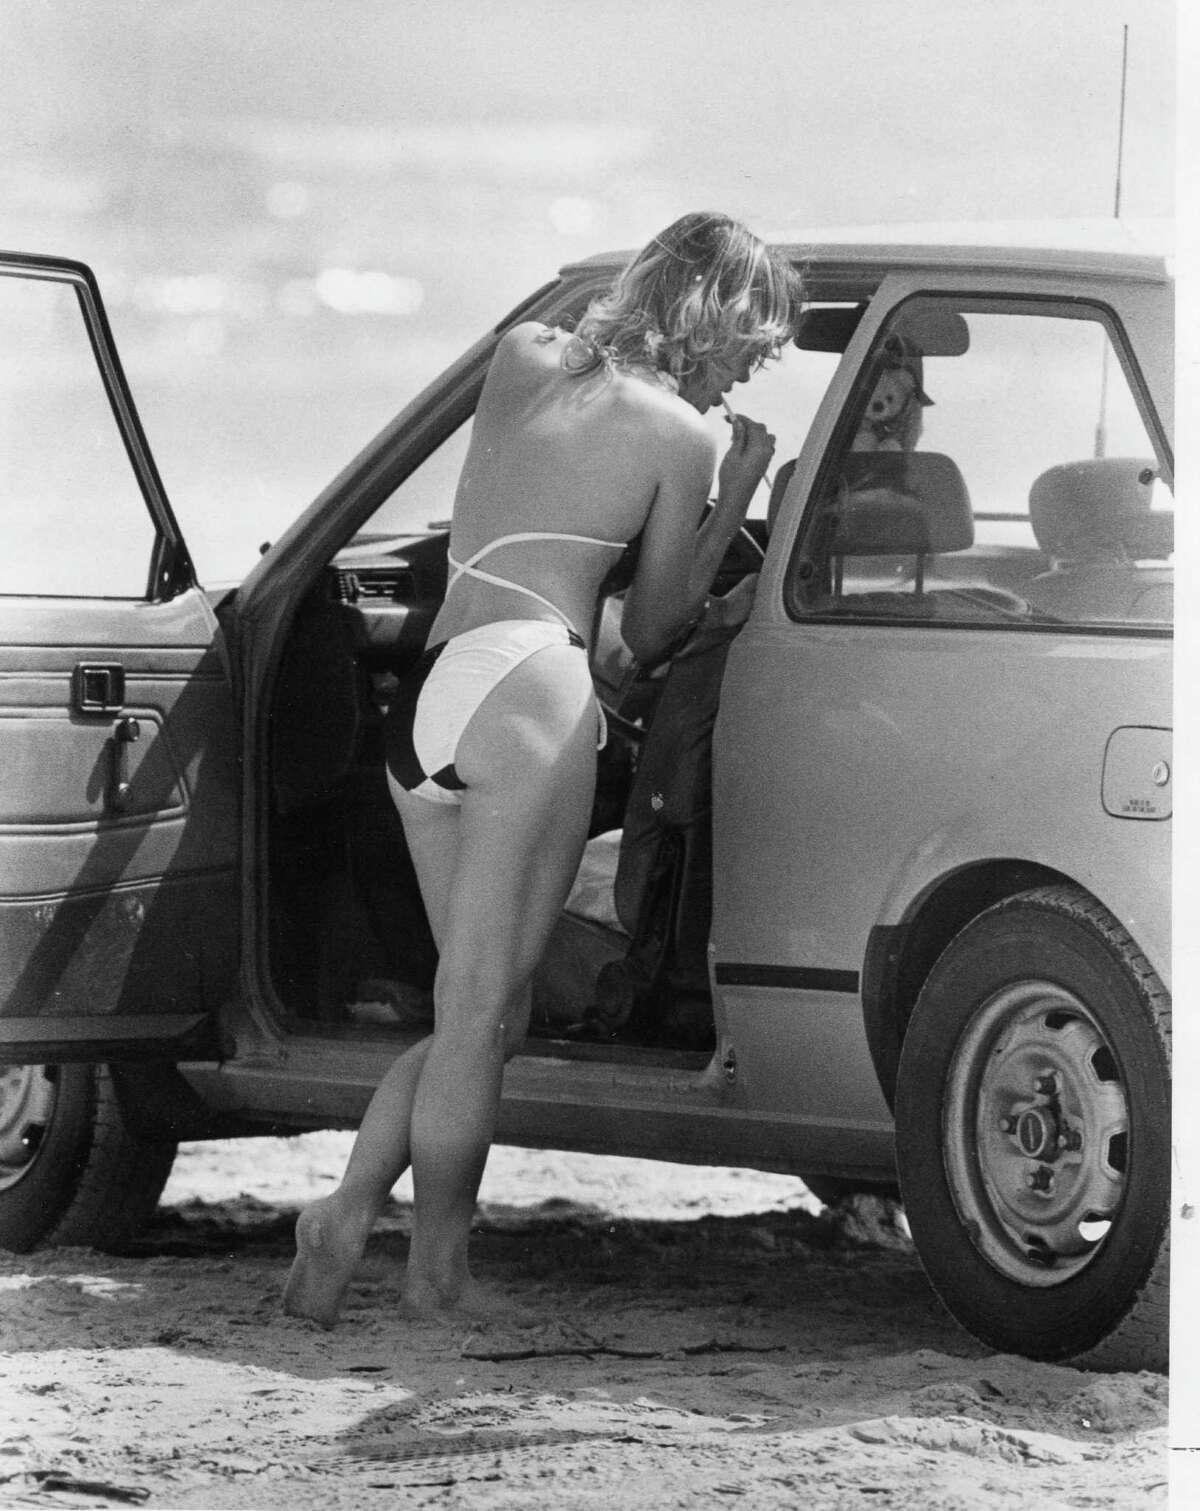 A lone spring breaker at Port Aransas, 1985